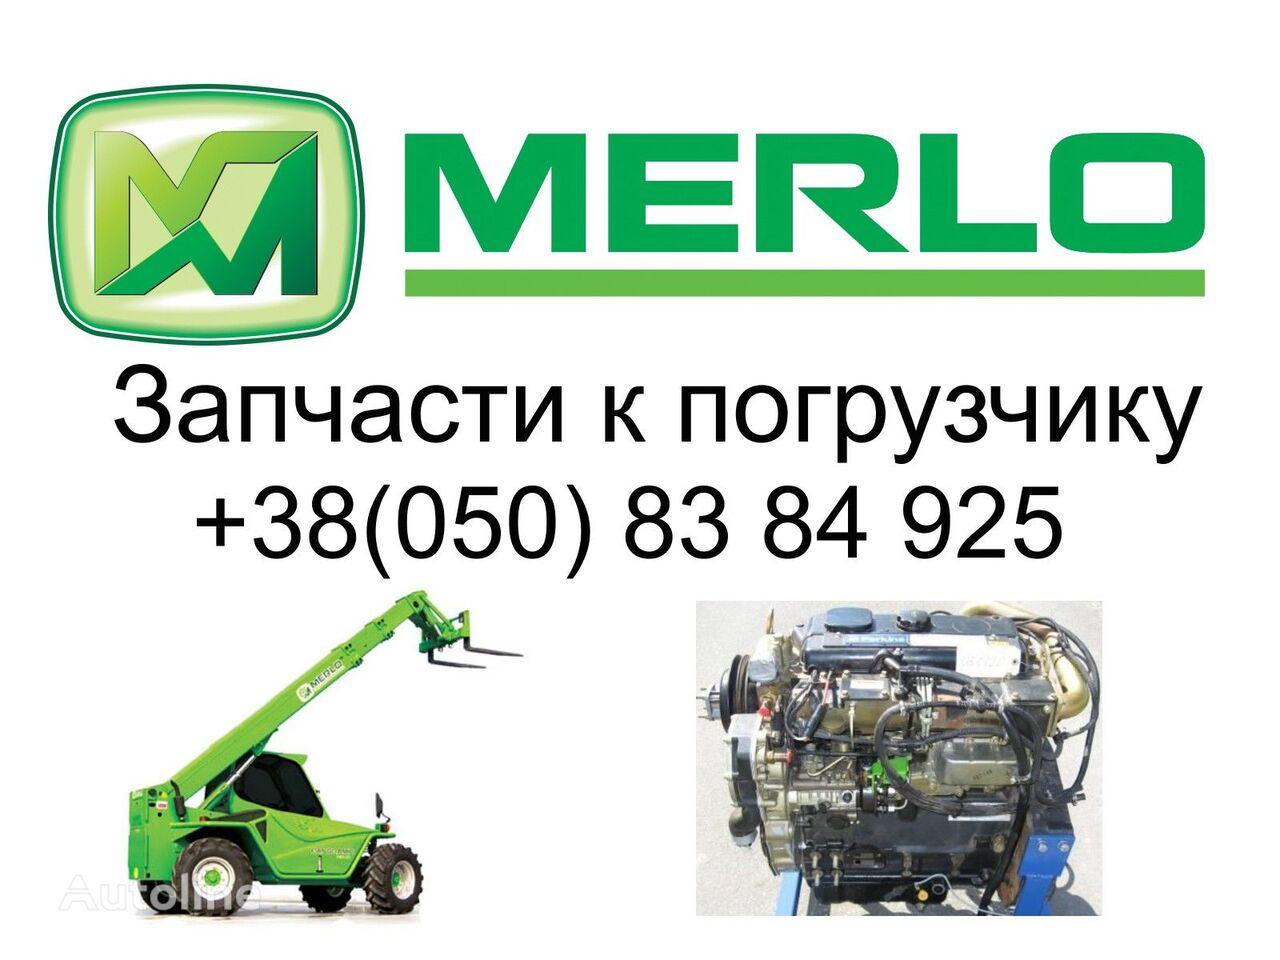 náhradní díly Zapchasti   MERLO pro vysokozdvižného vozíku MERLO